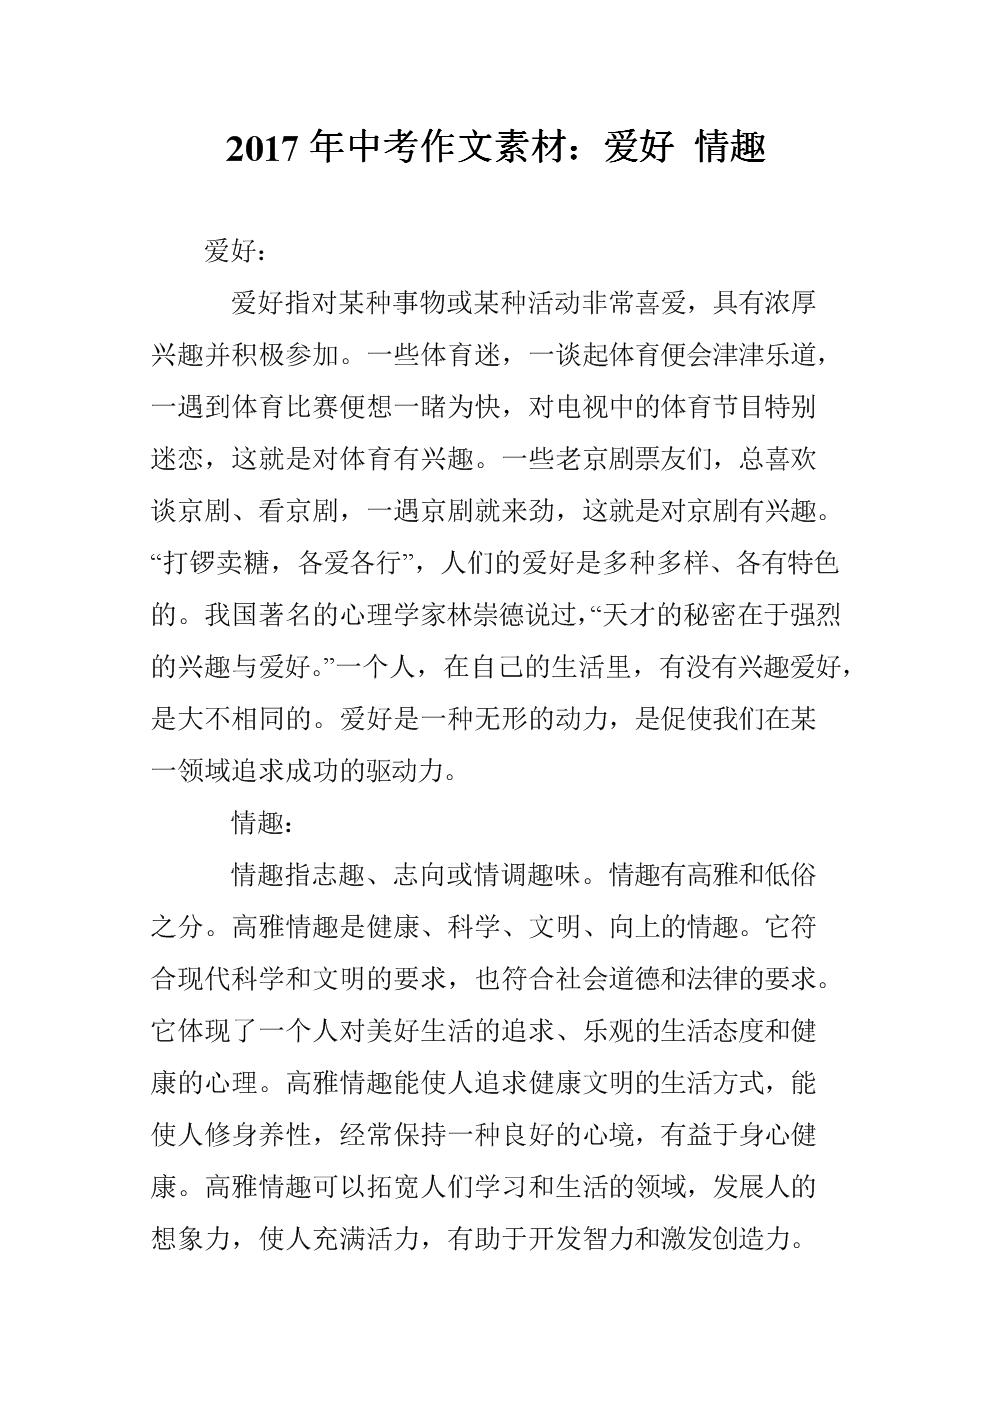 2017年爱好素材作文:中考情趣.doc王佳佳情趣图片